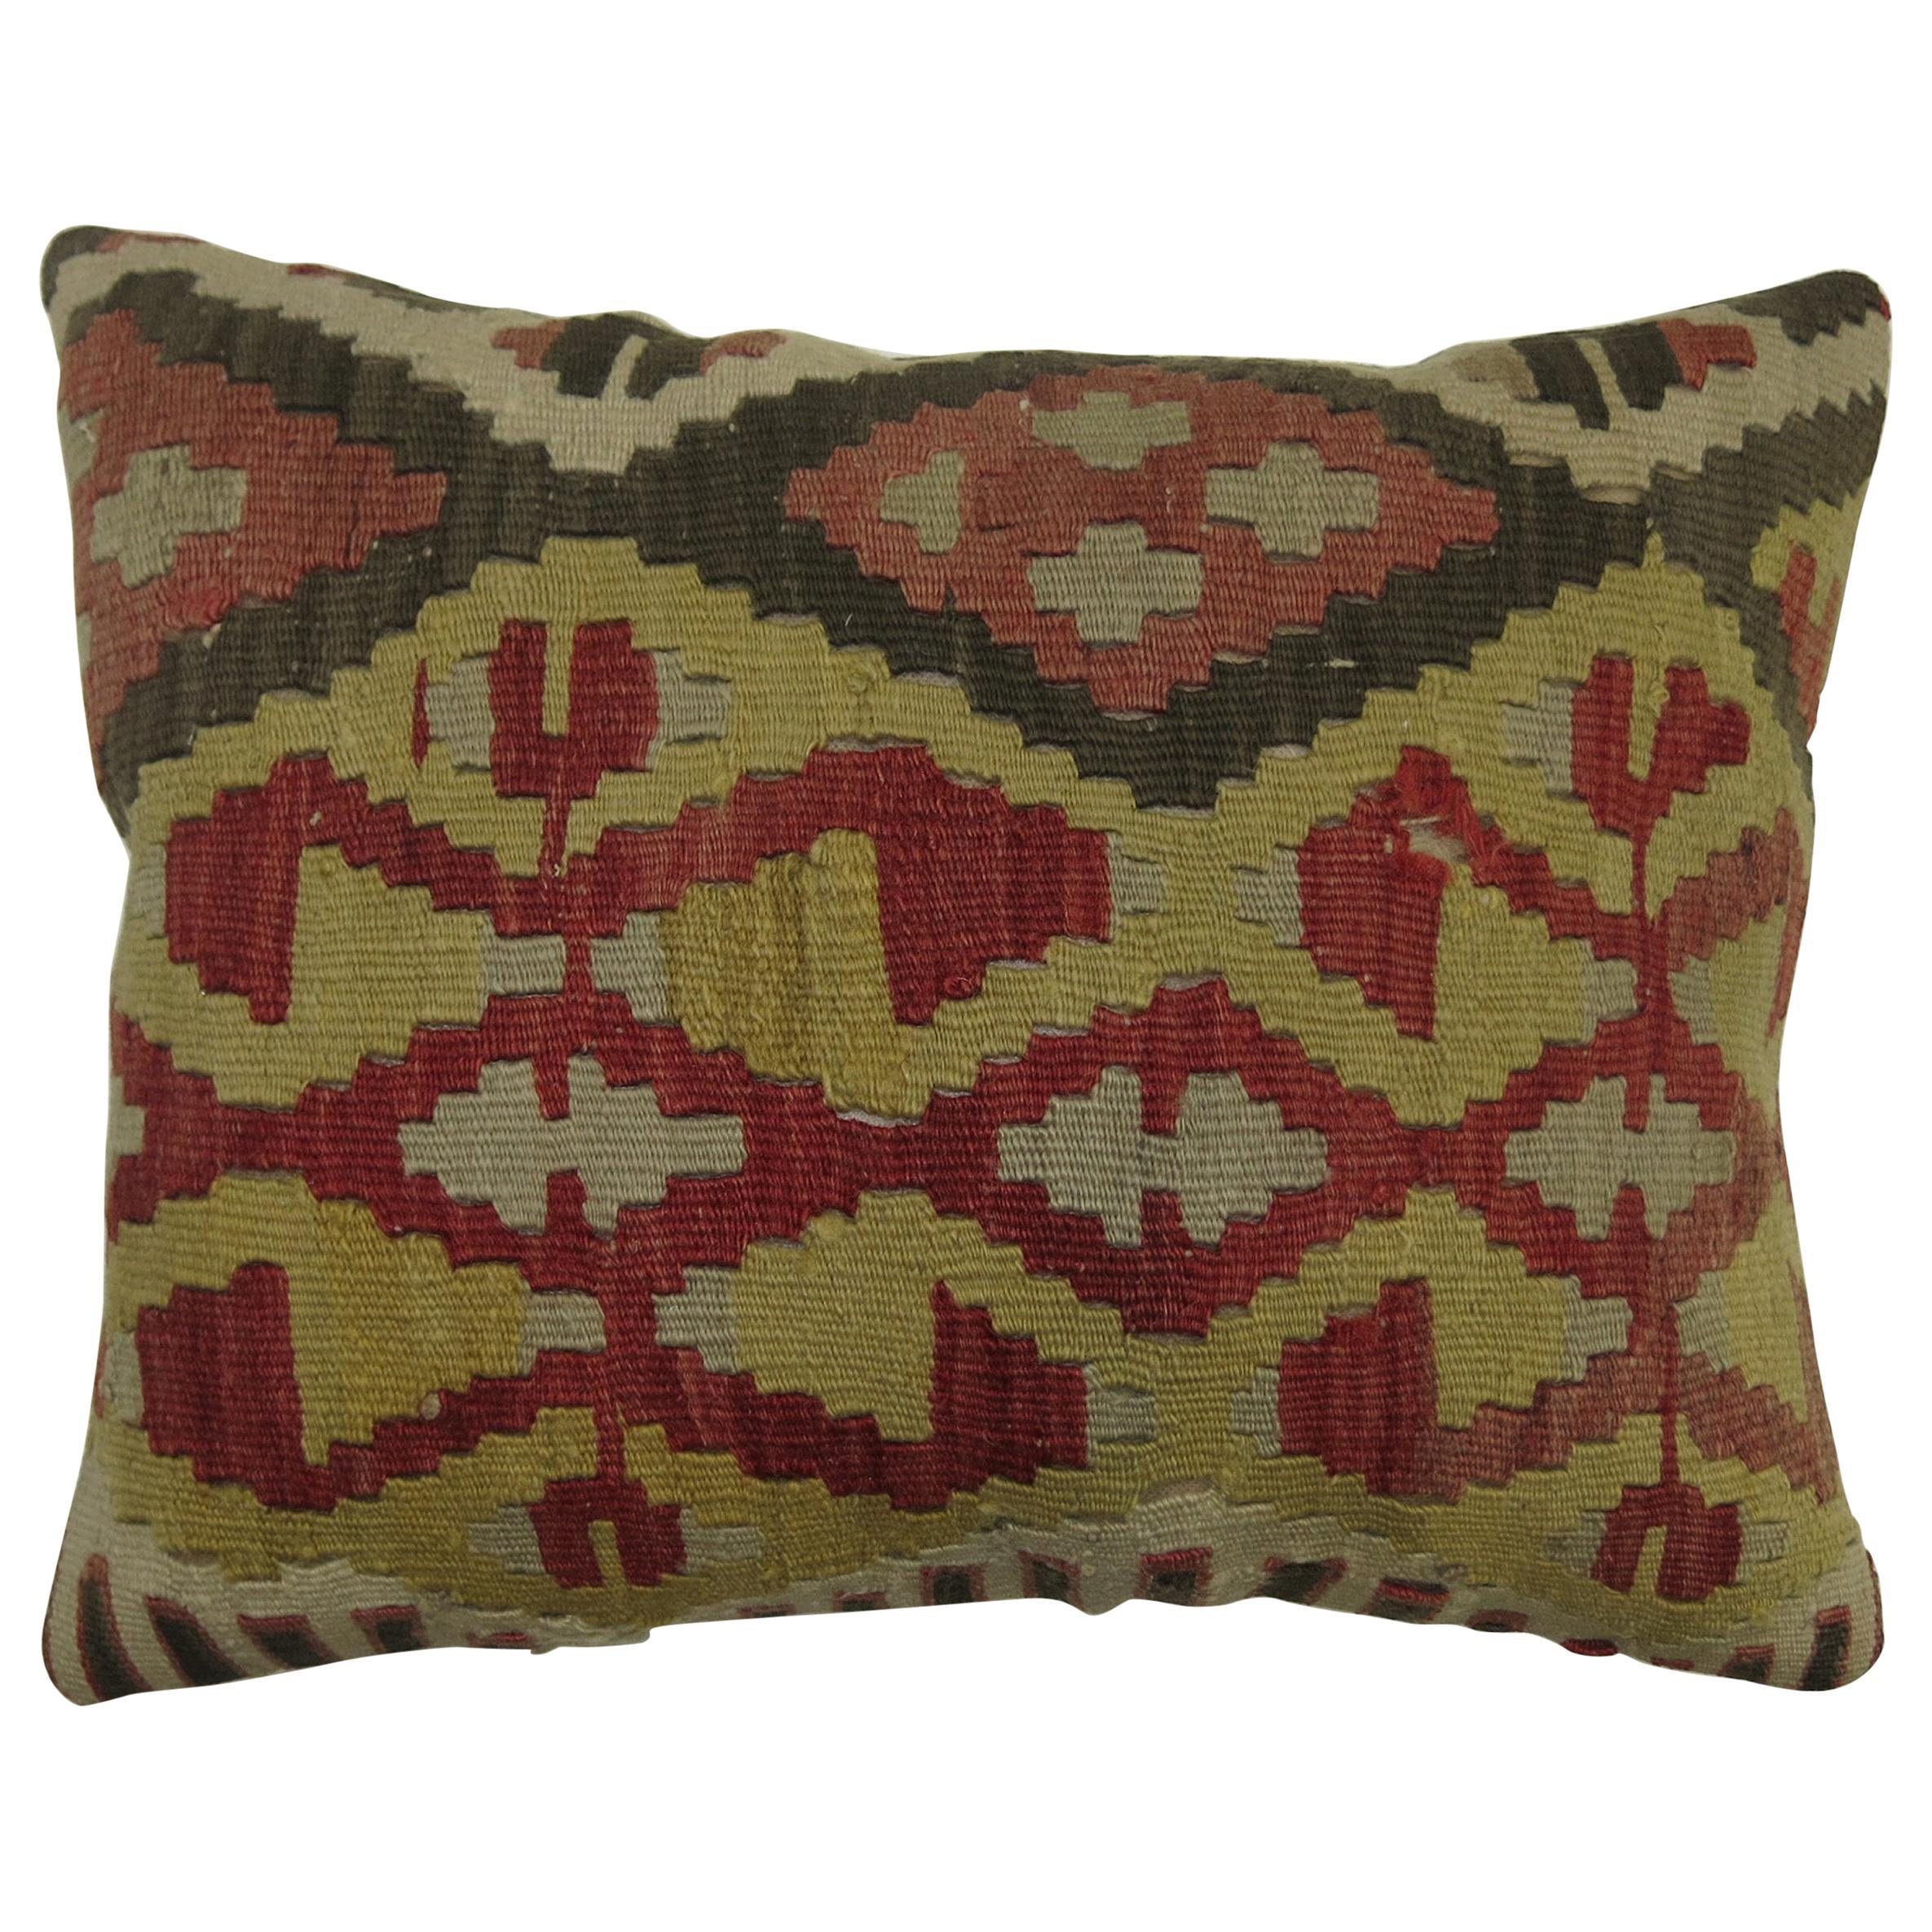 Lumbar Size Turkish Kilim Pillow